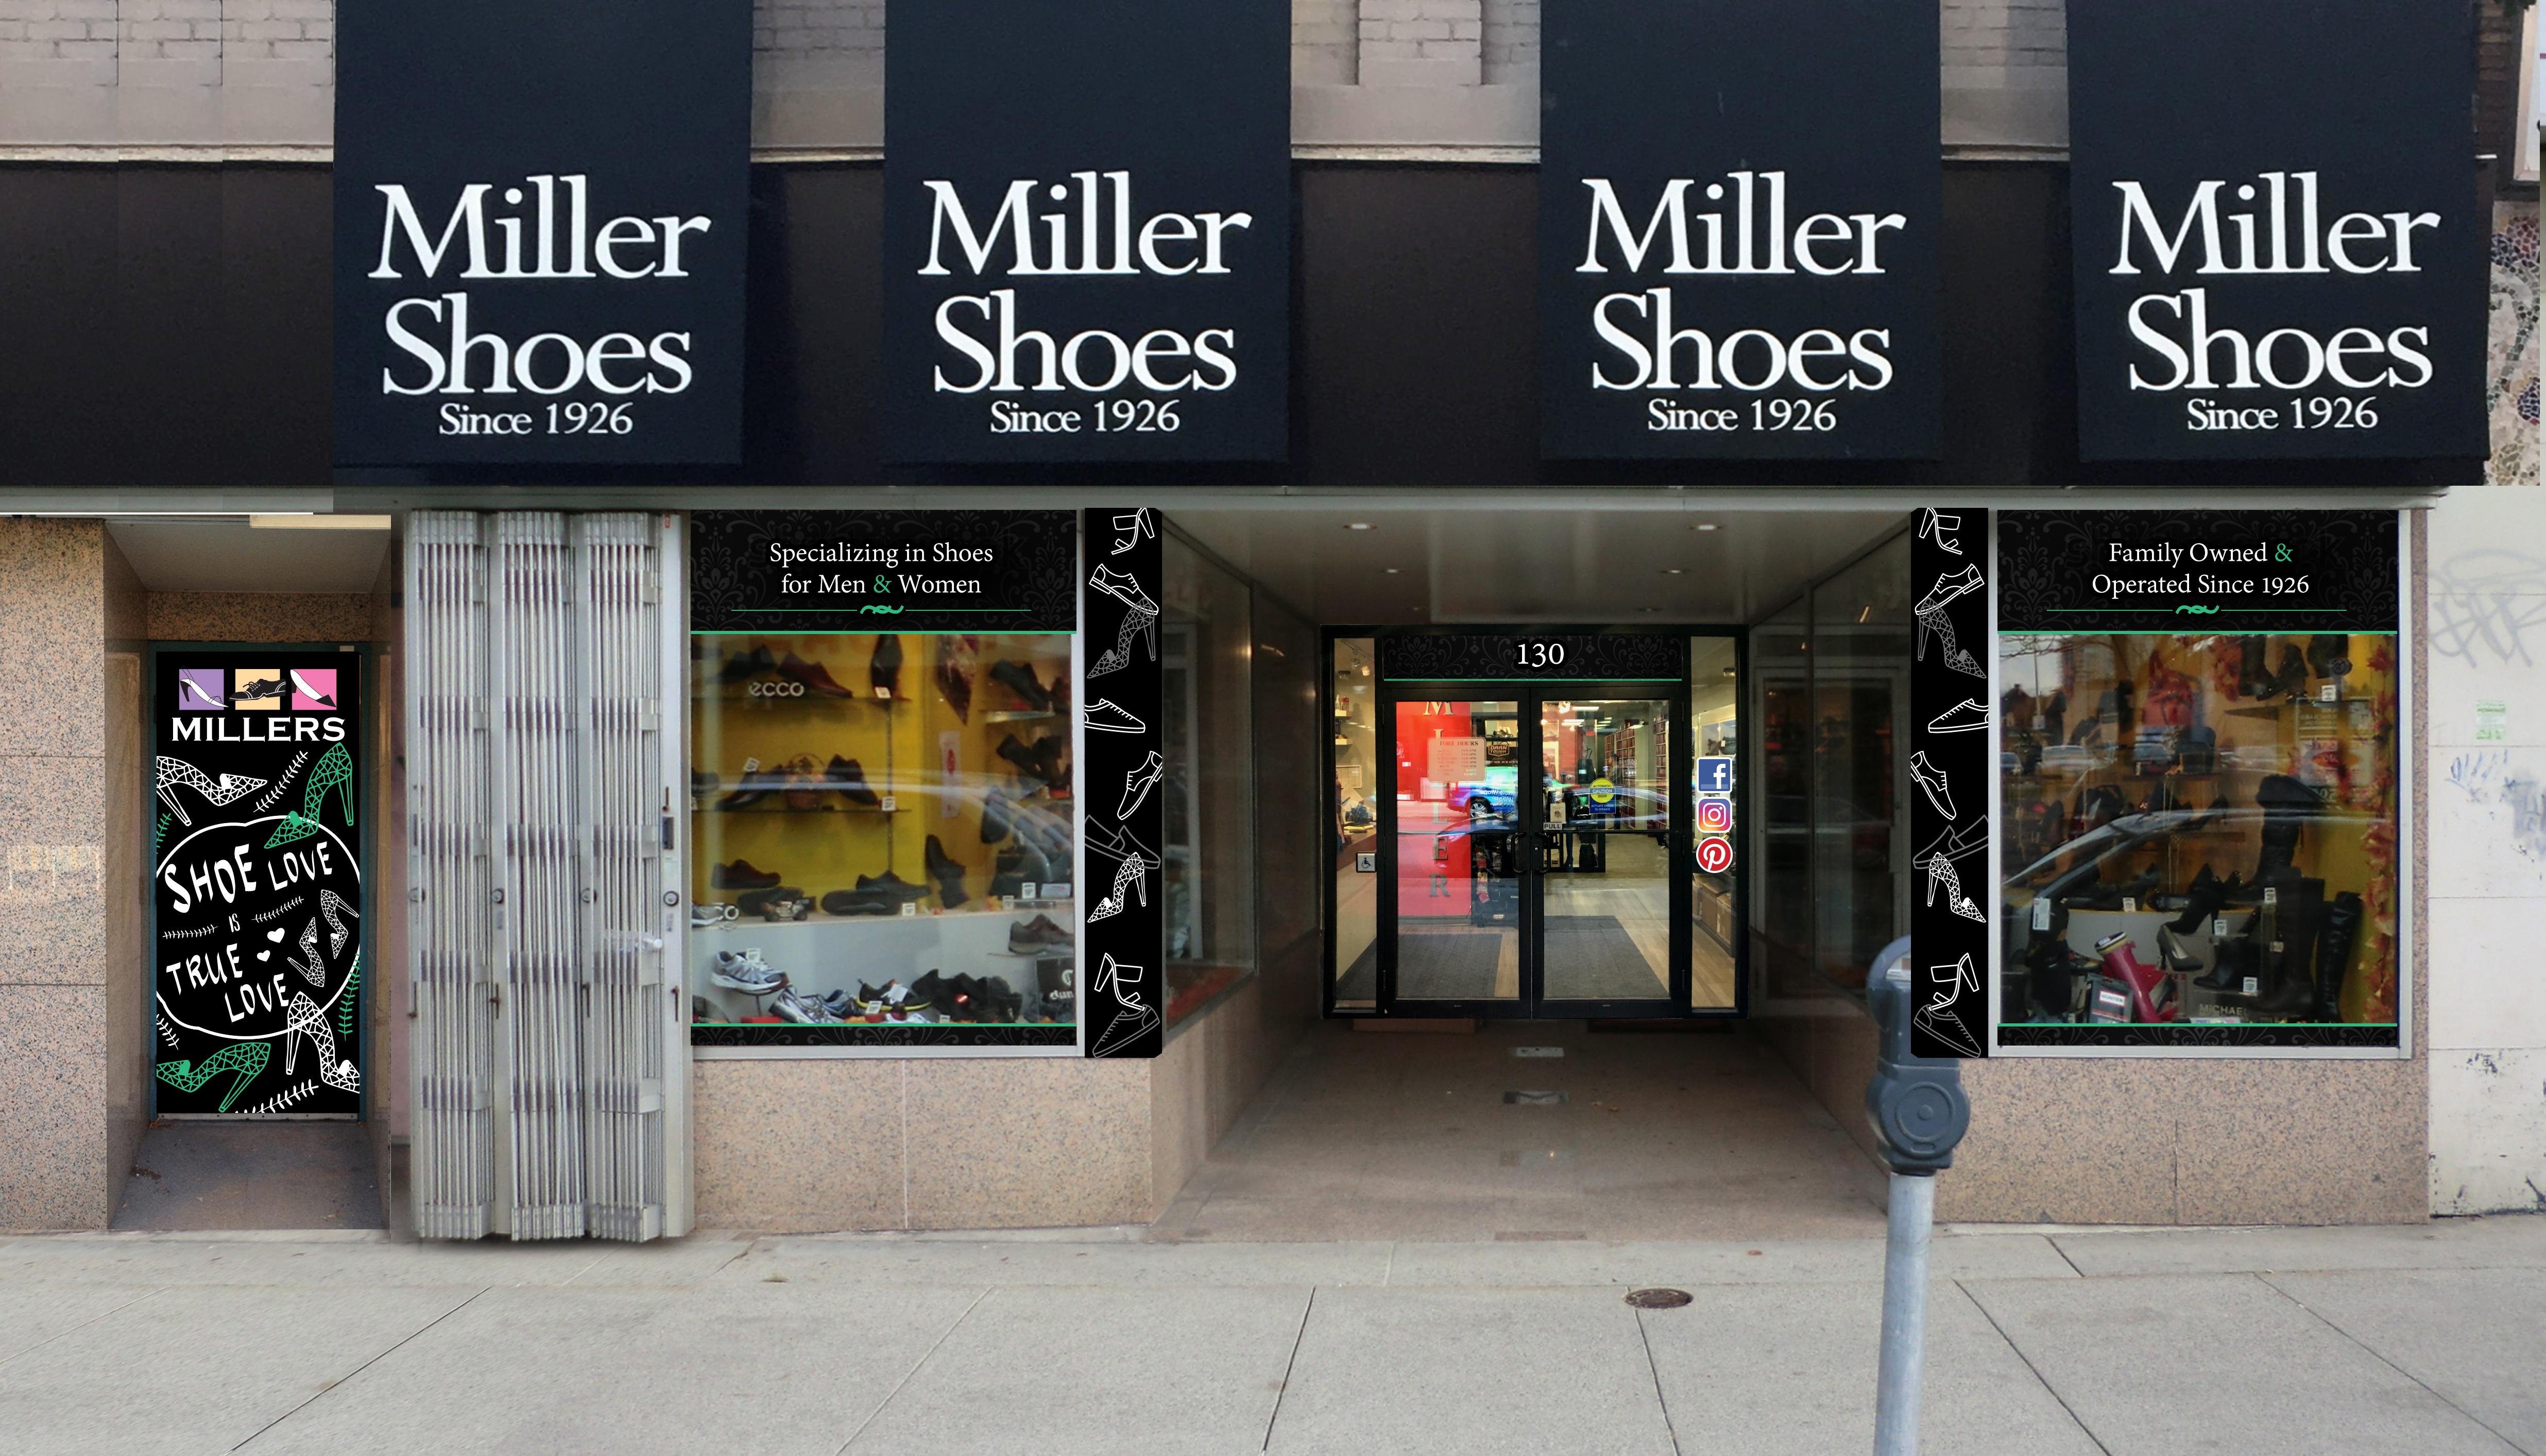 Miller Shoe - Storefront - Concept Design - FINAL